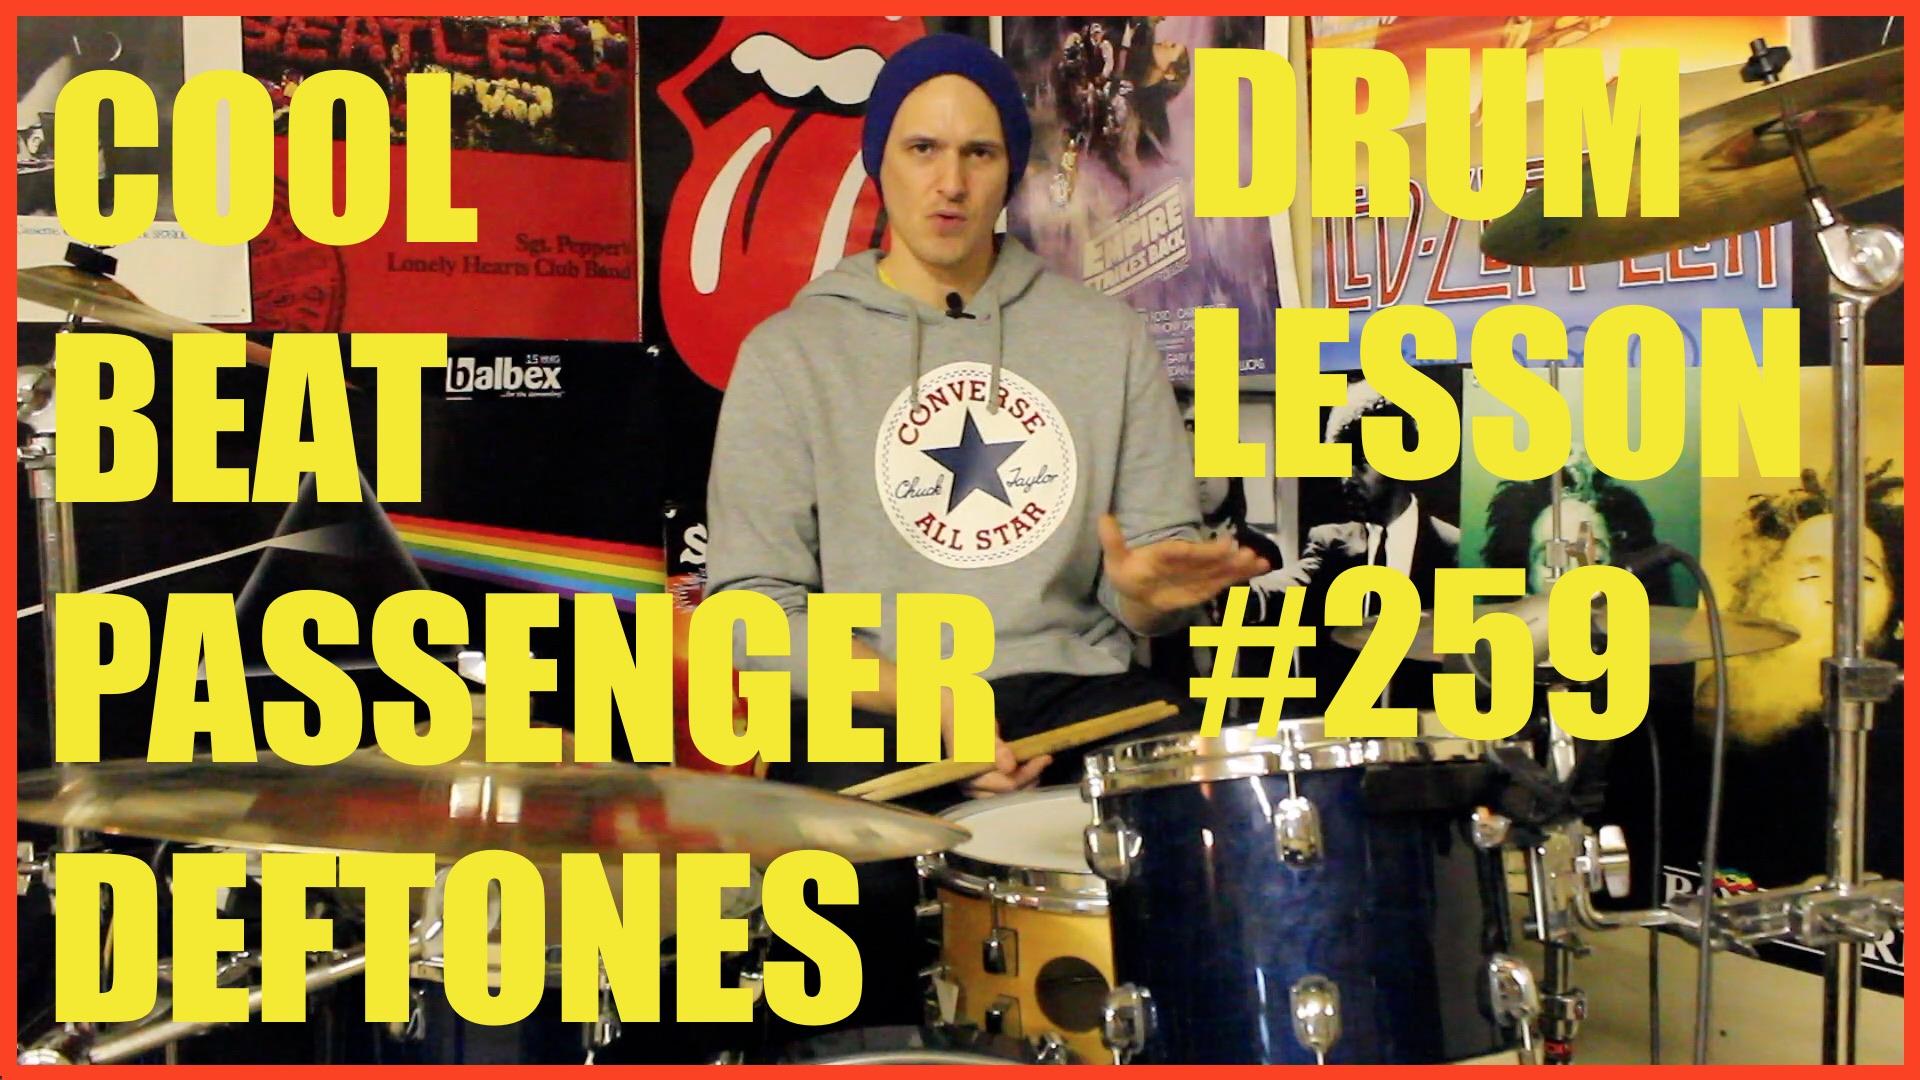 Deftones passenger music video